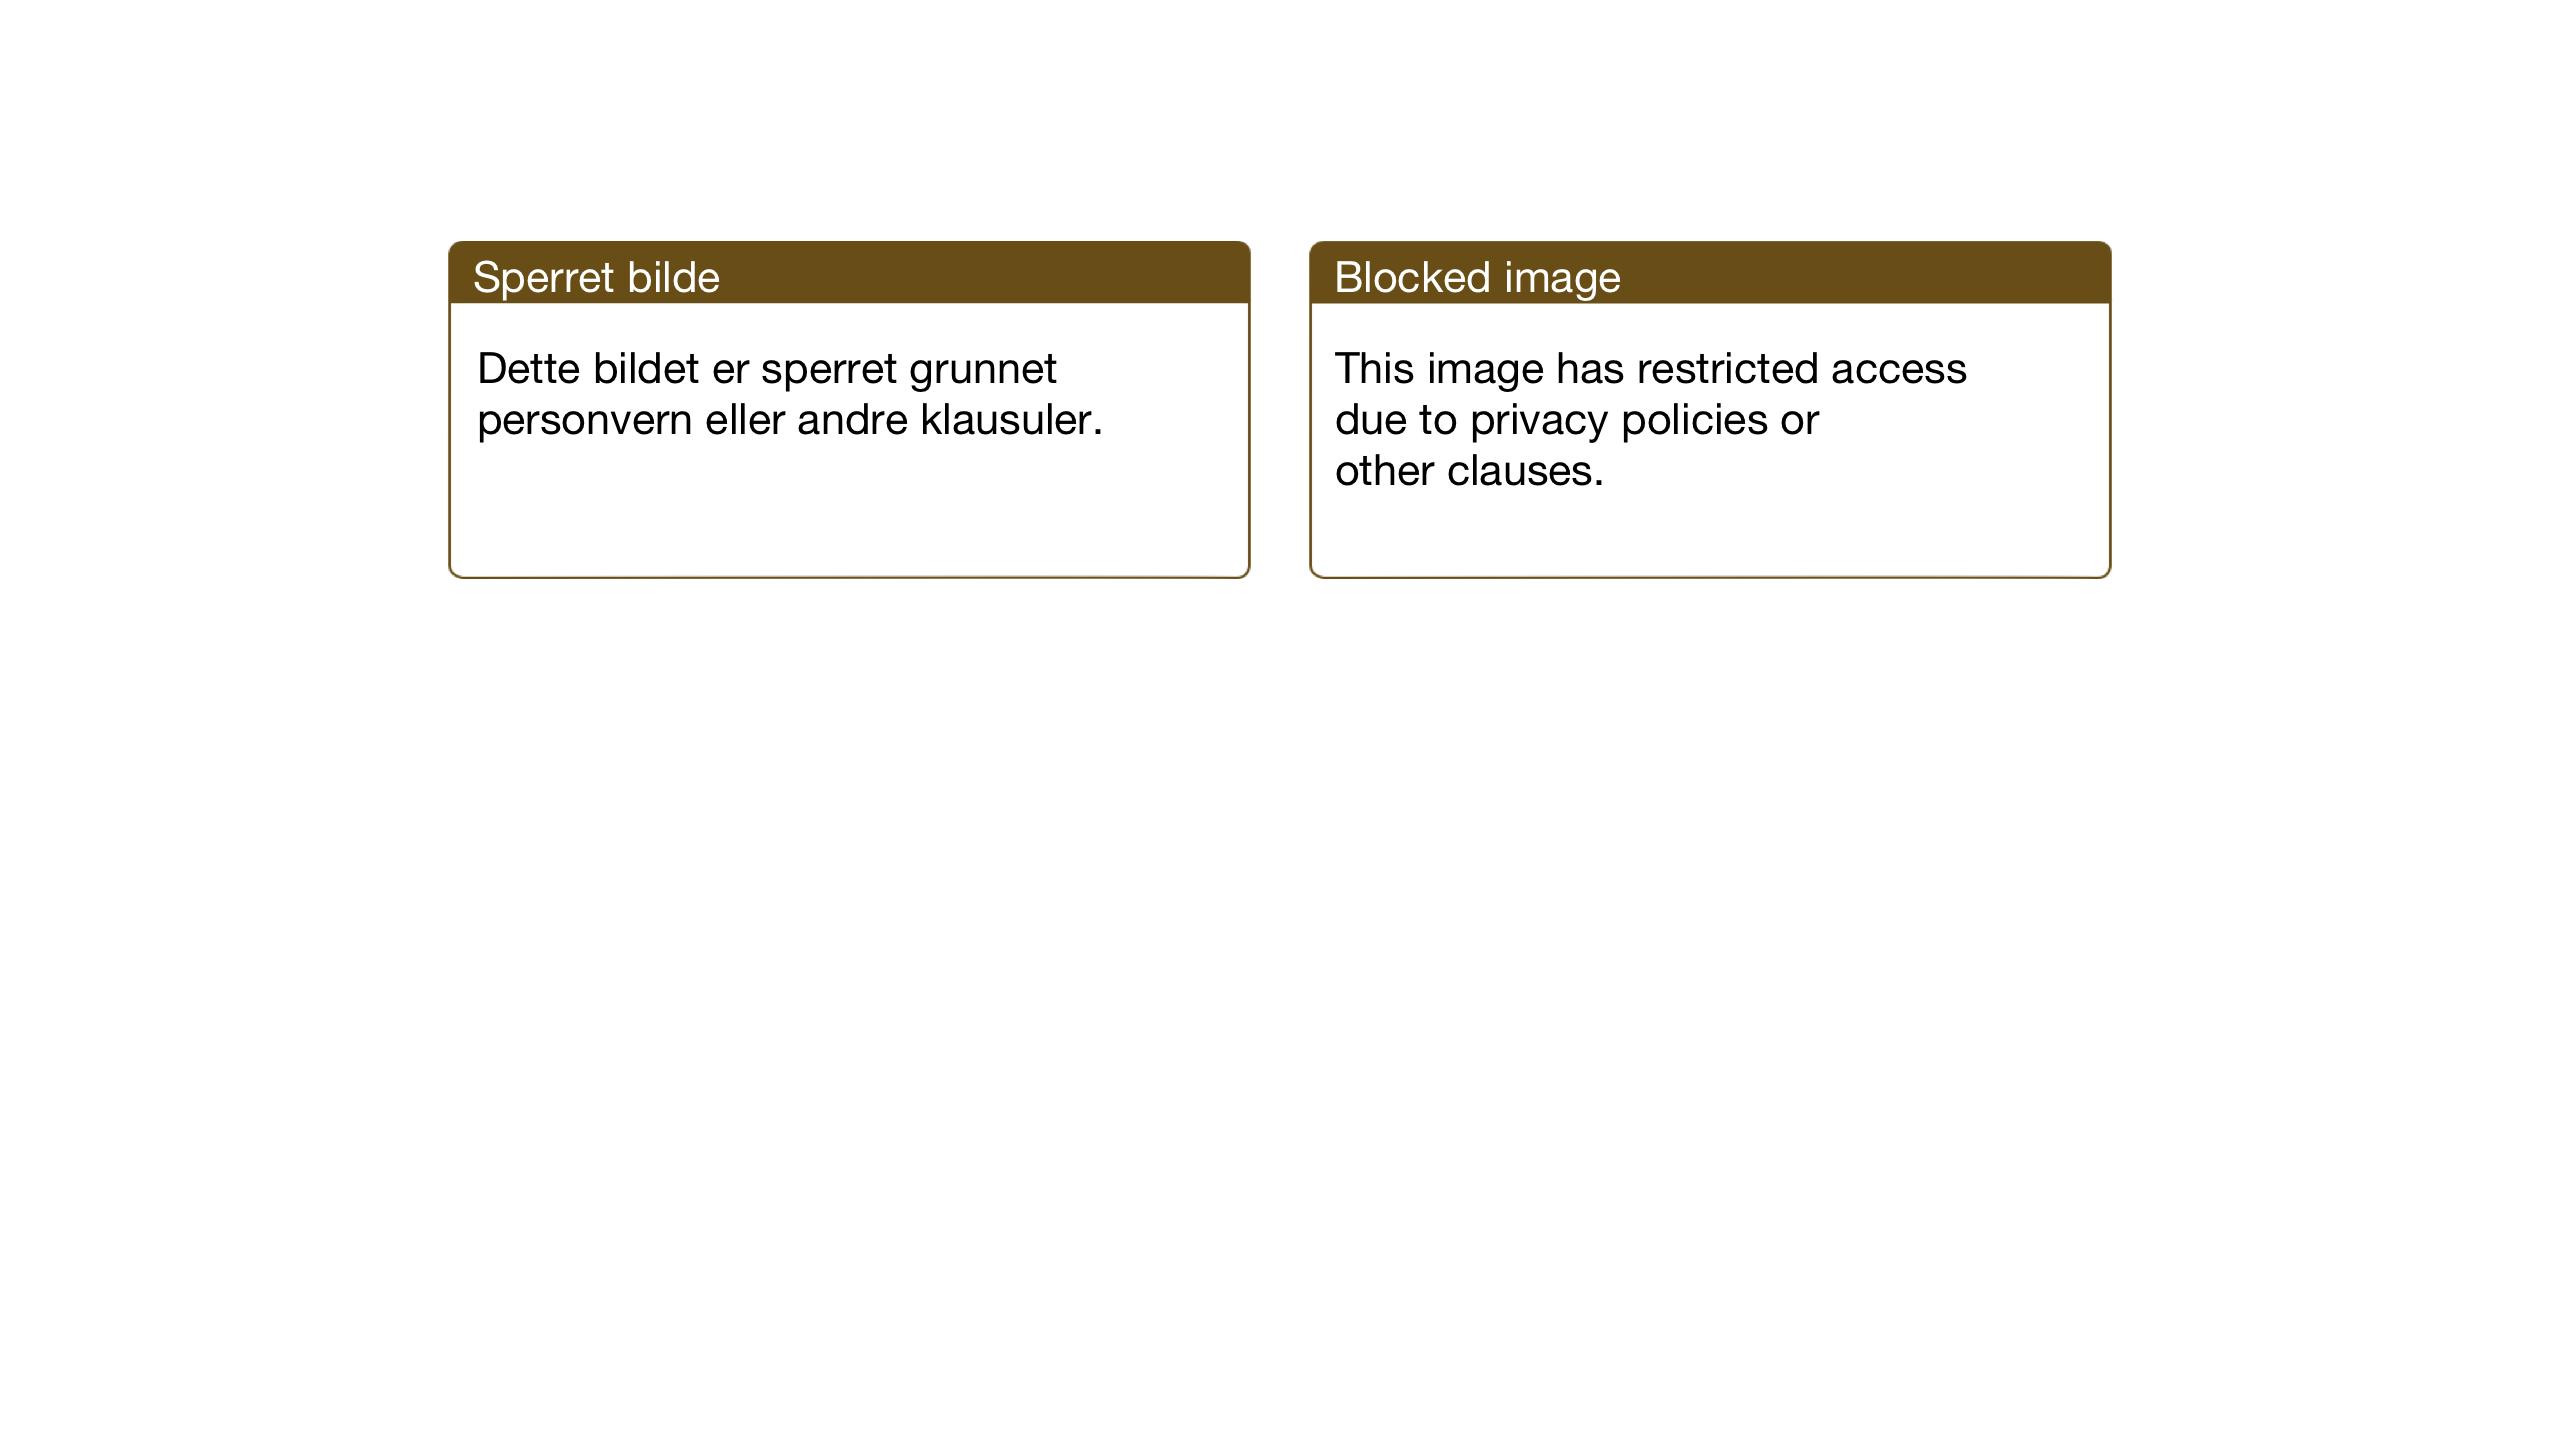 SAT, Ministerialprotokoller, klokkerbøker og fødselsregistre - Sør-Trøndelag, 603/L0177: Klokkerbok nr. 603C05, 1941-1952, s. 241